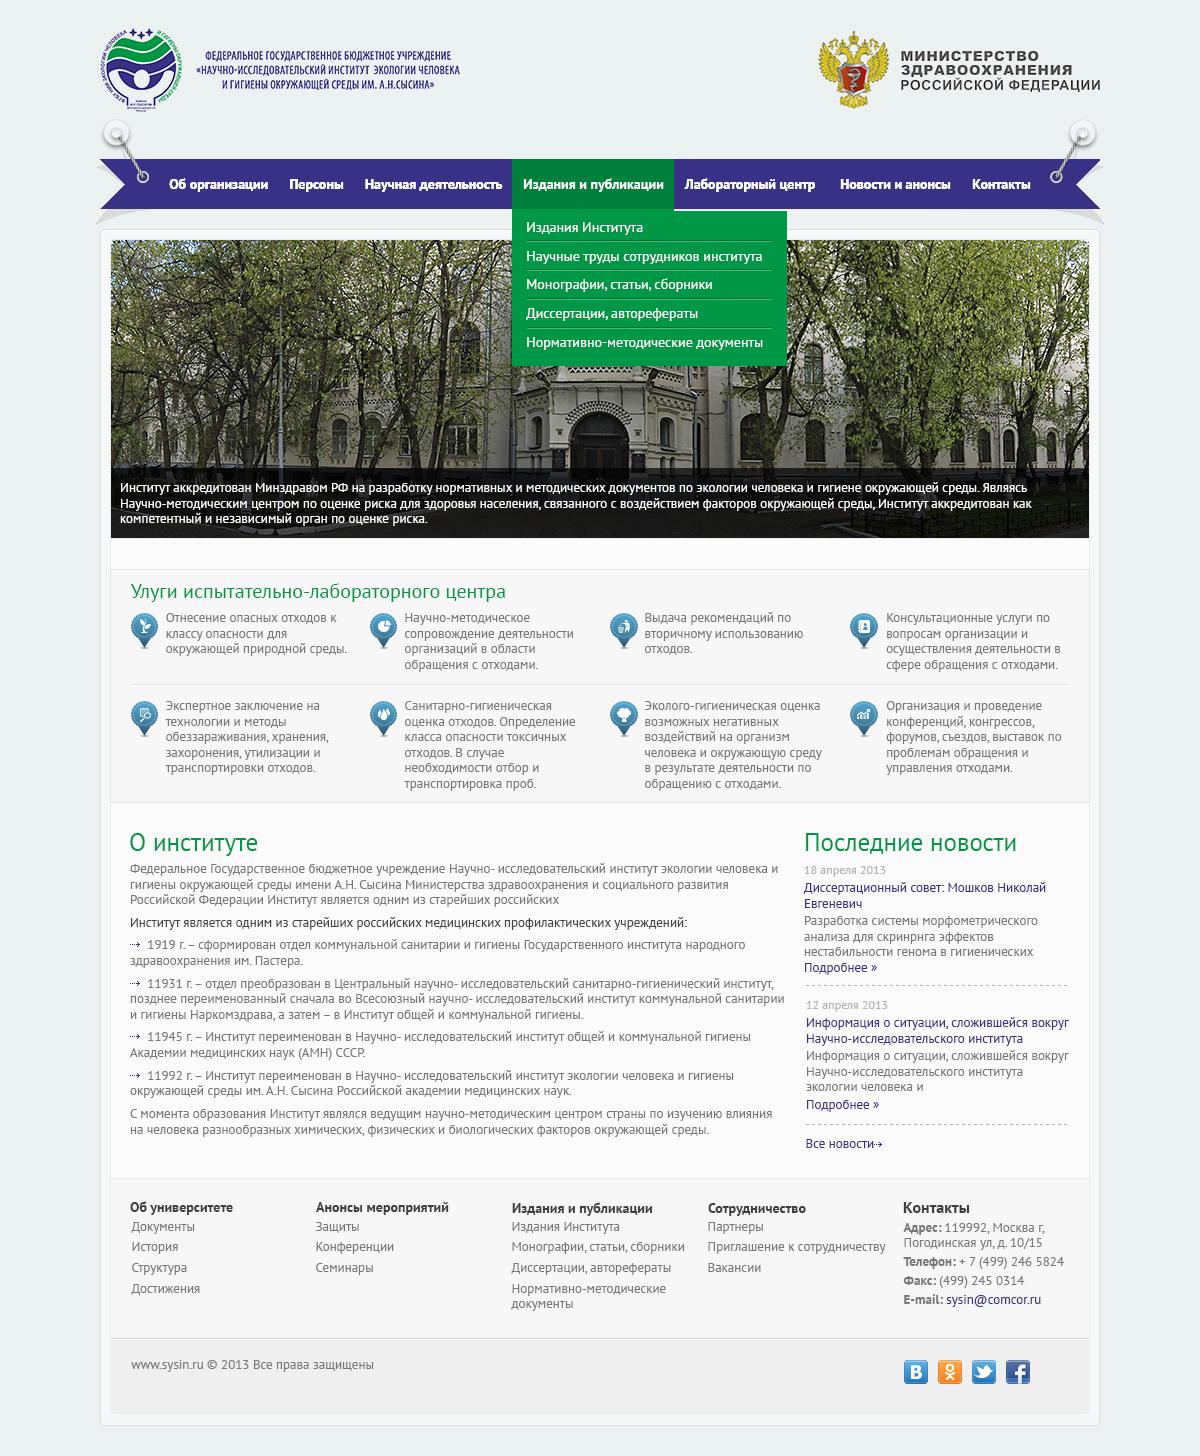 Редизайн сайта научно-исследовательского института фото f_996514eee1c66d59.jpg